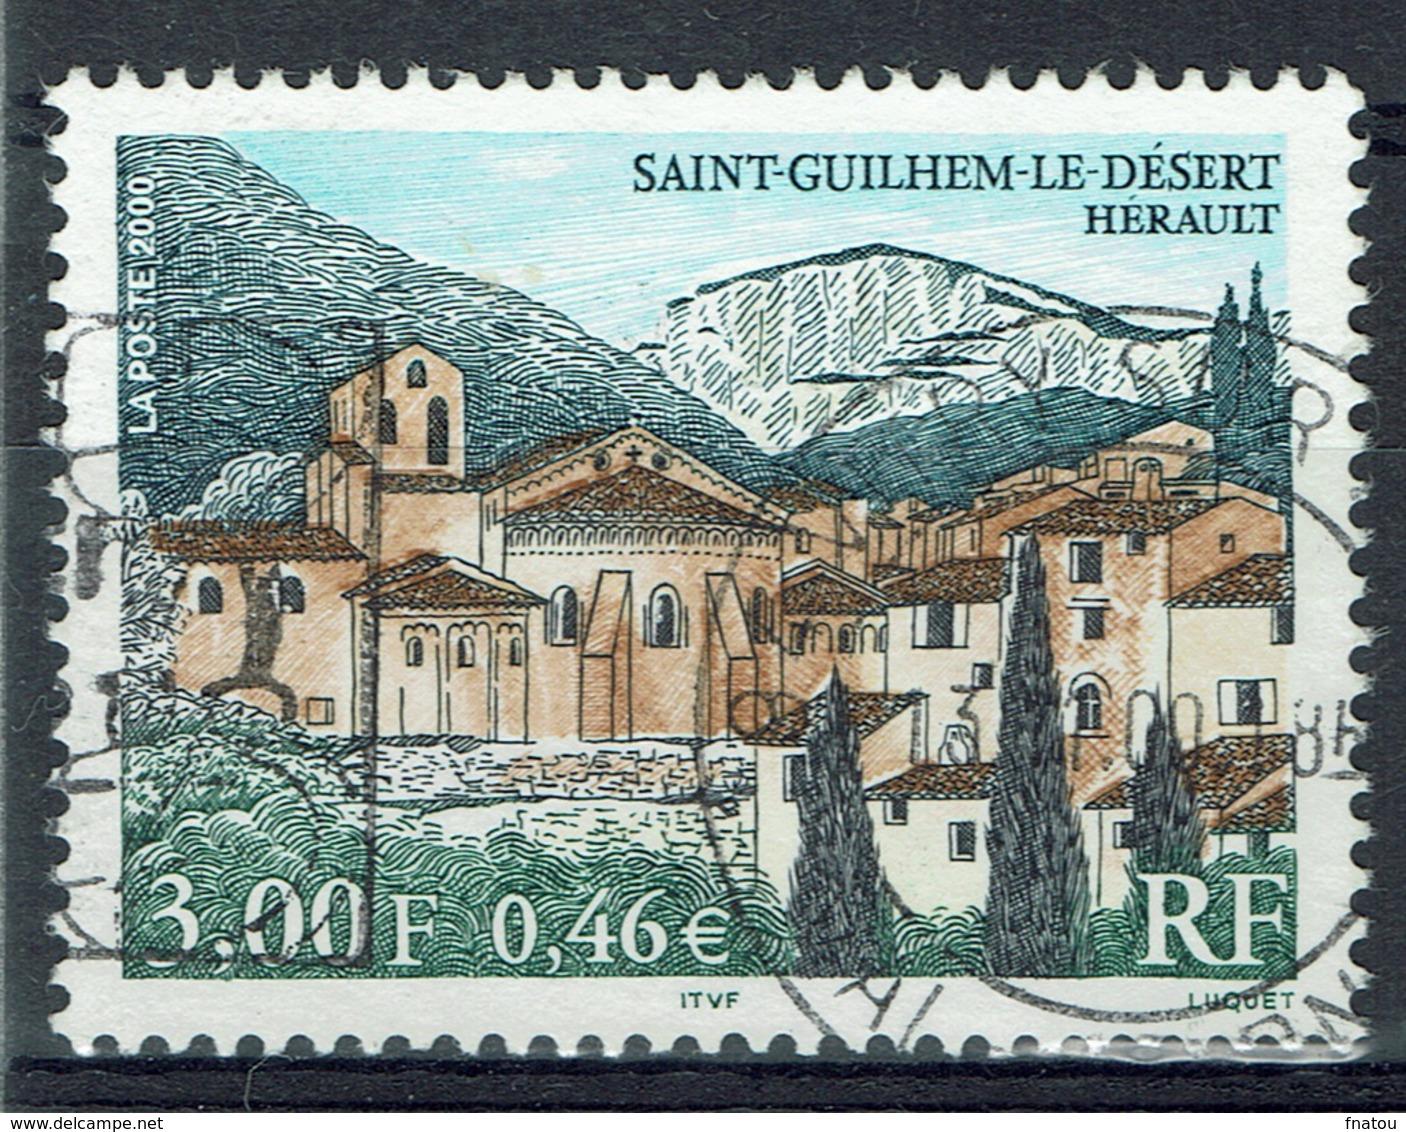 France, Saint-Guilhem-le-Désert, Occitanie Region, 2000, VFU - France